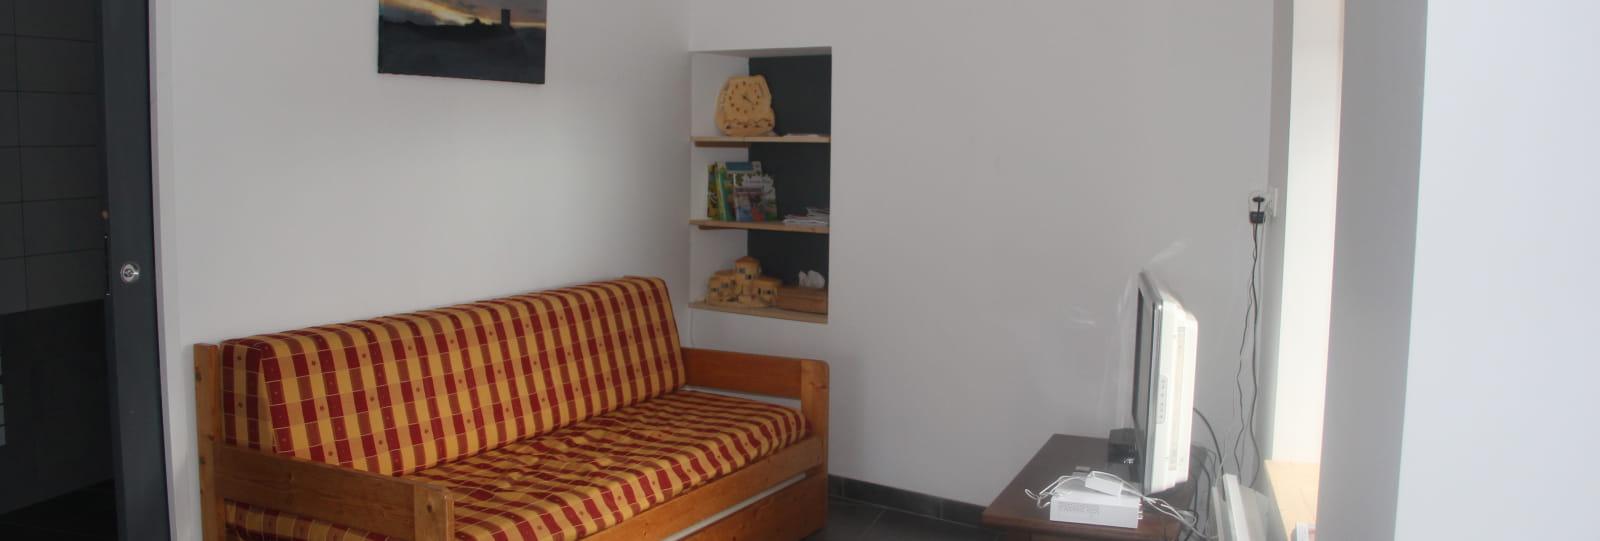 interieur3